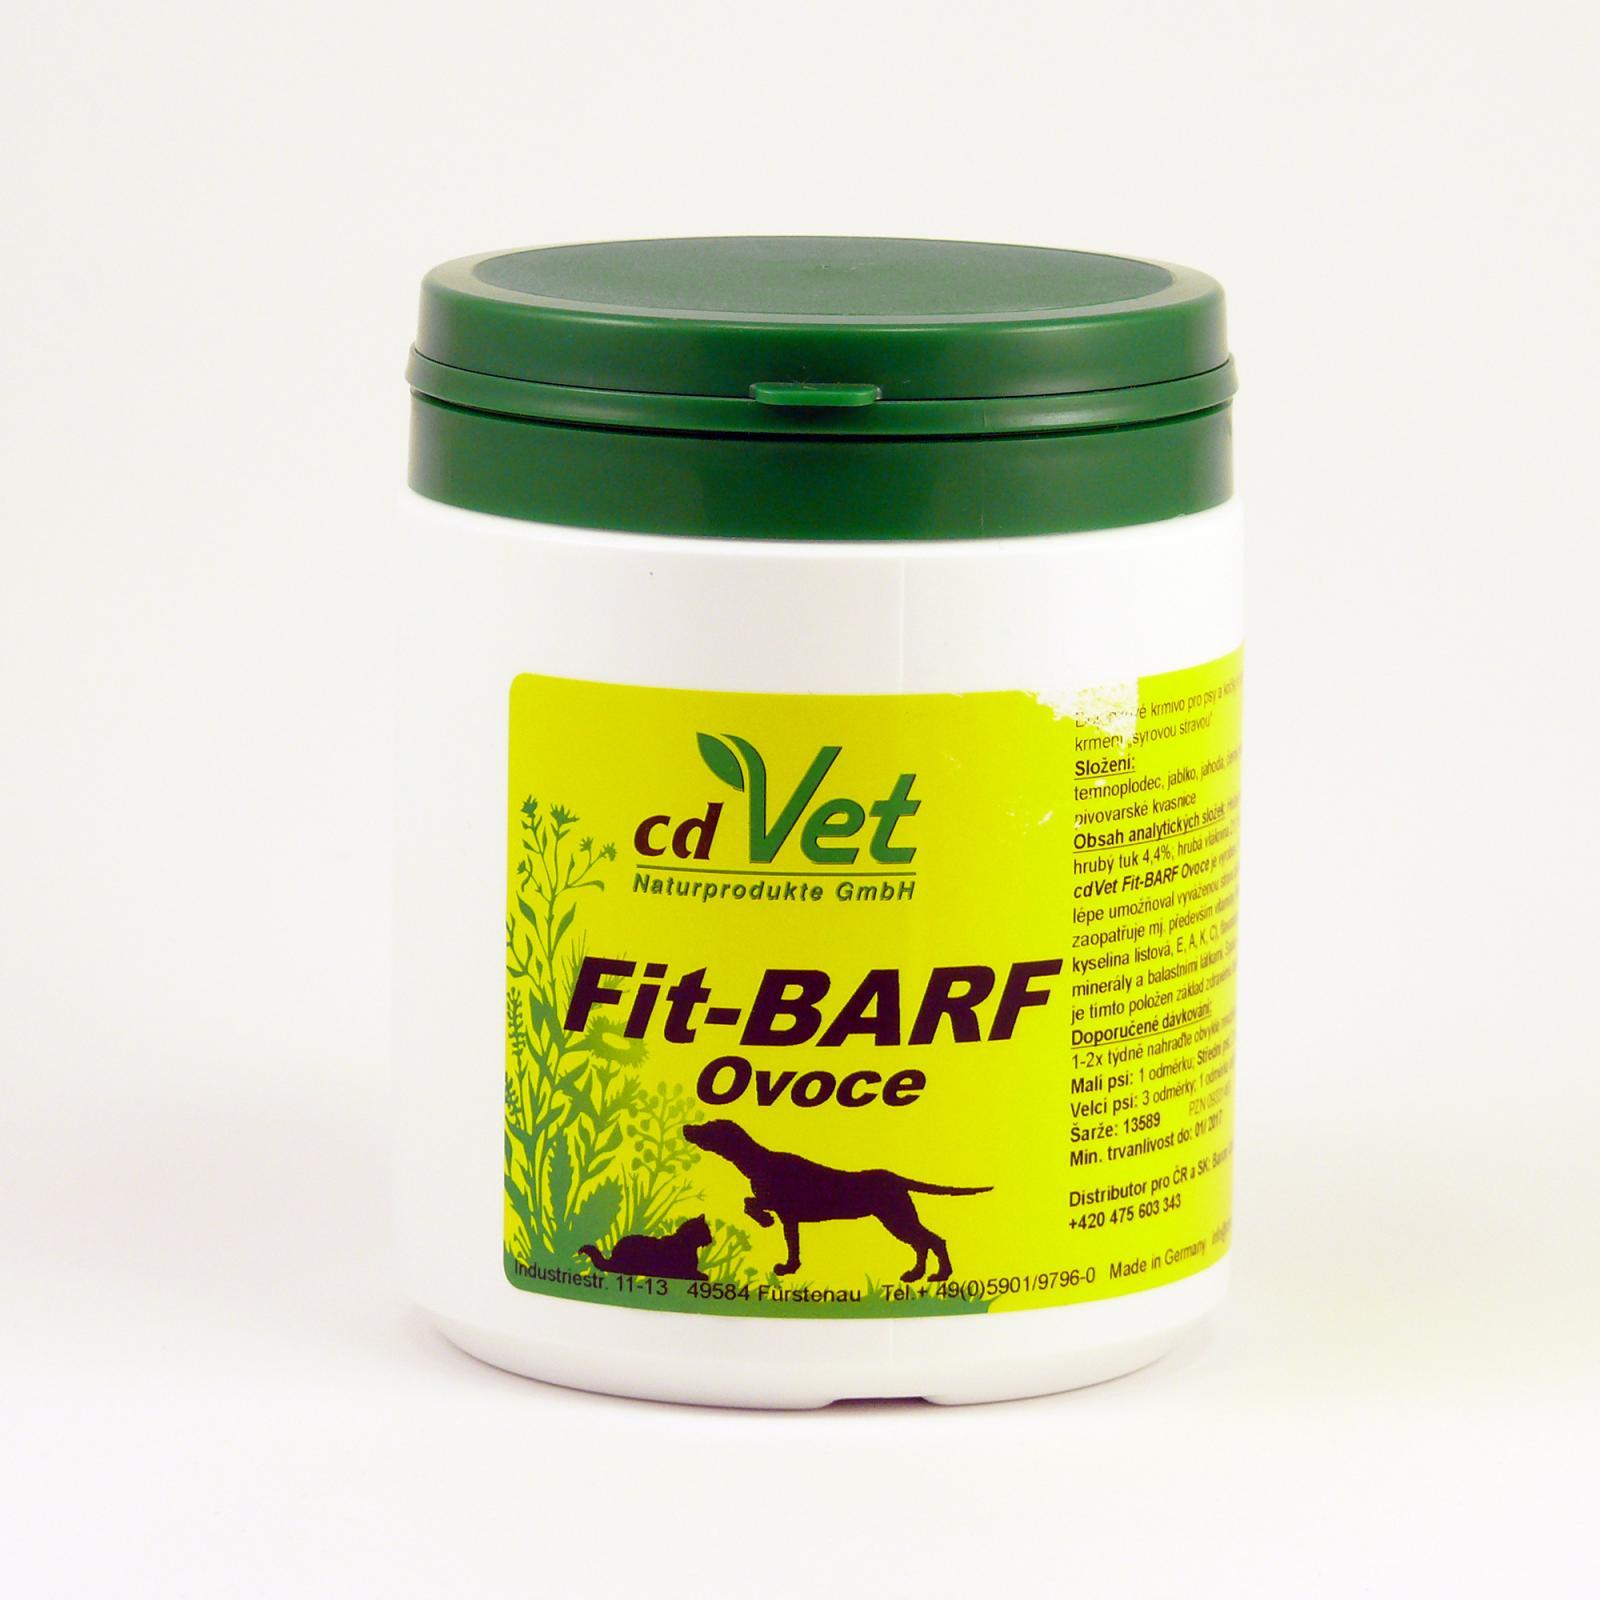 CdVet Doplněk výživy pro psy a kočky Fit Barf Ovoce 350 g